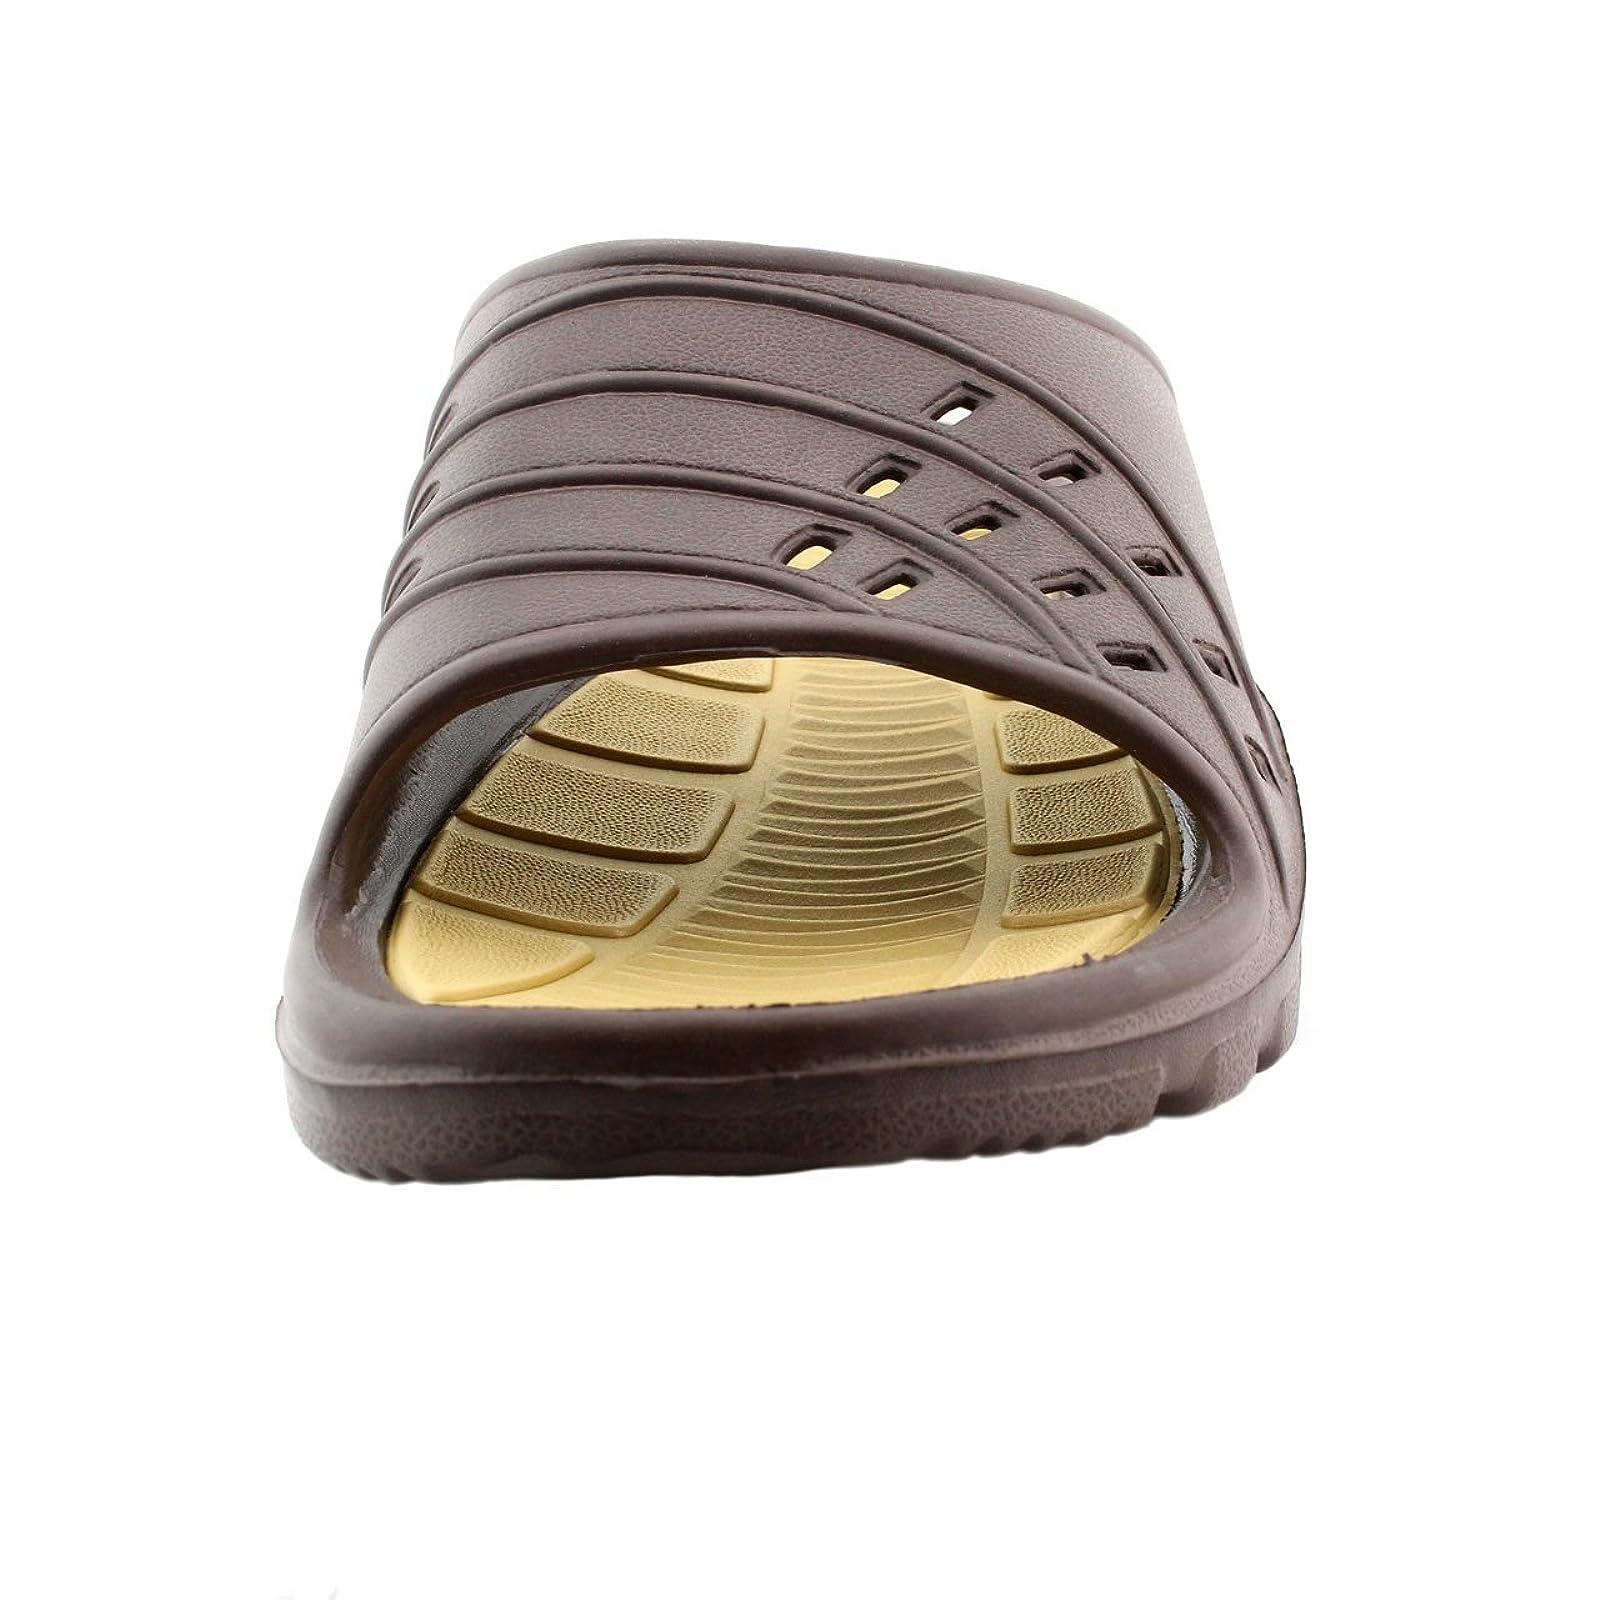 fb1a03c93a17 HQ Images of Kaiback Simple Slide Sport Shower Sandal (11 12)